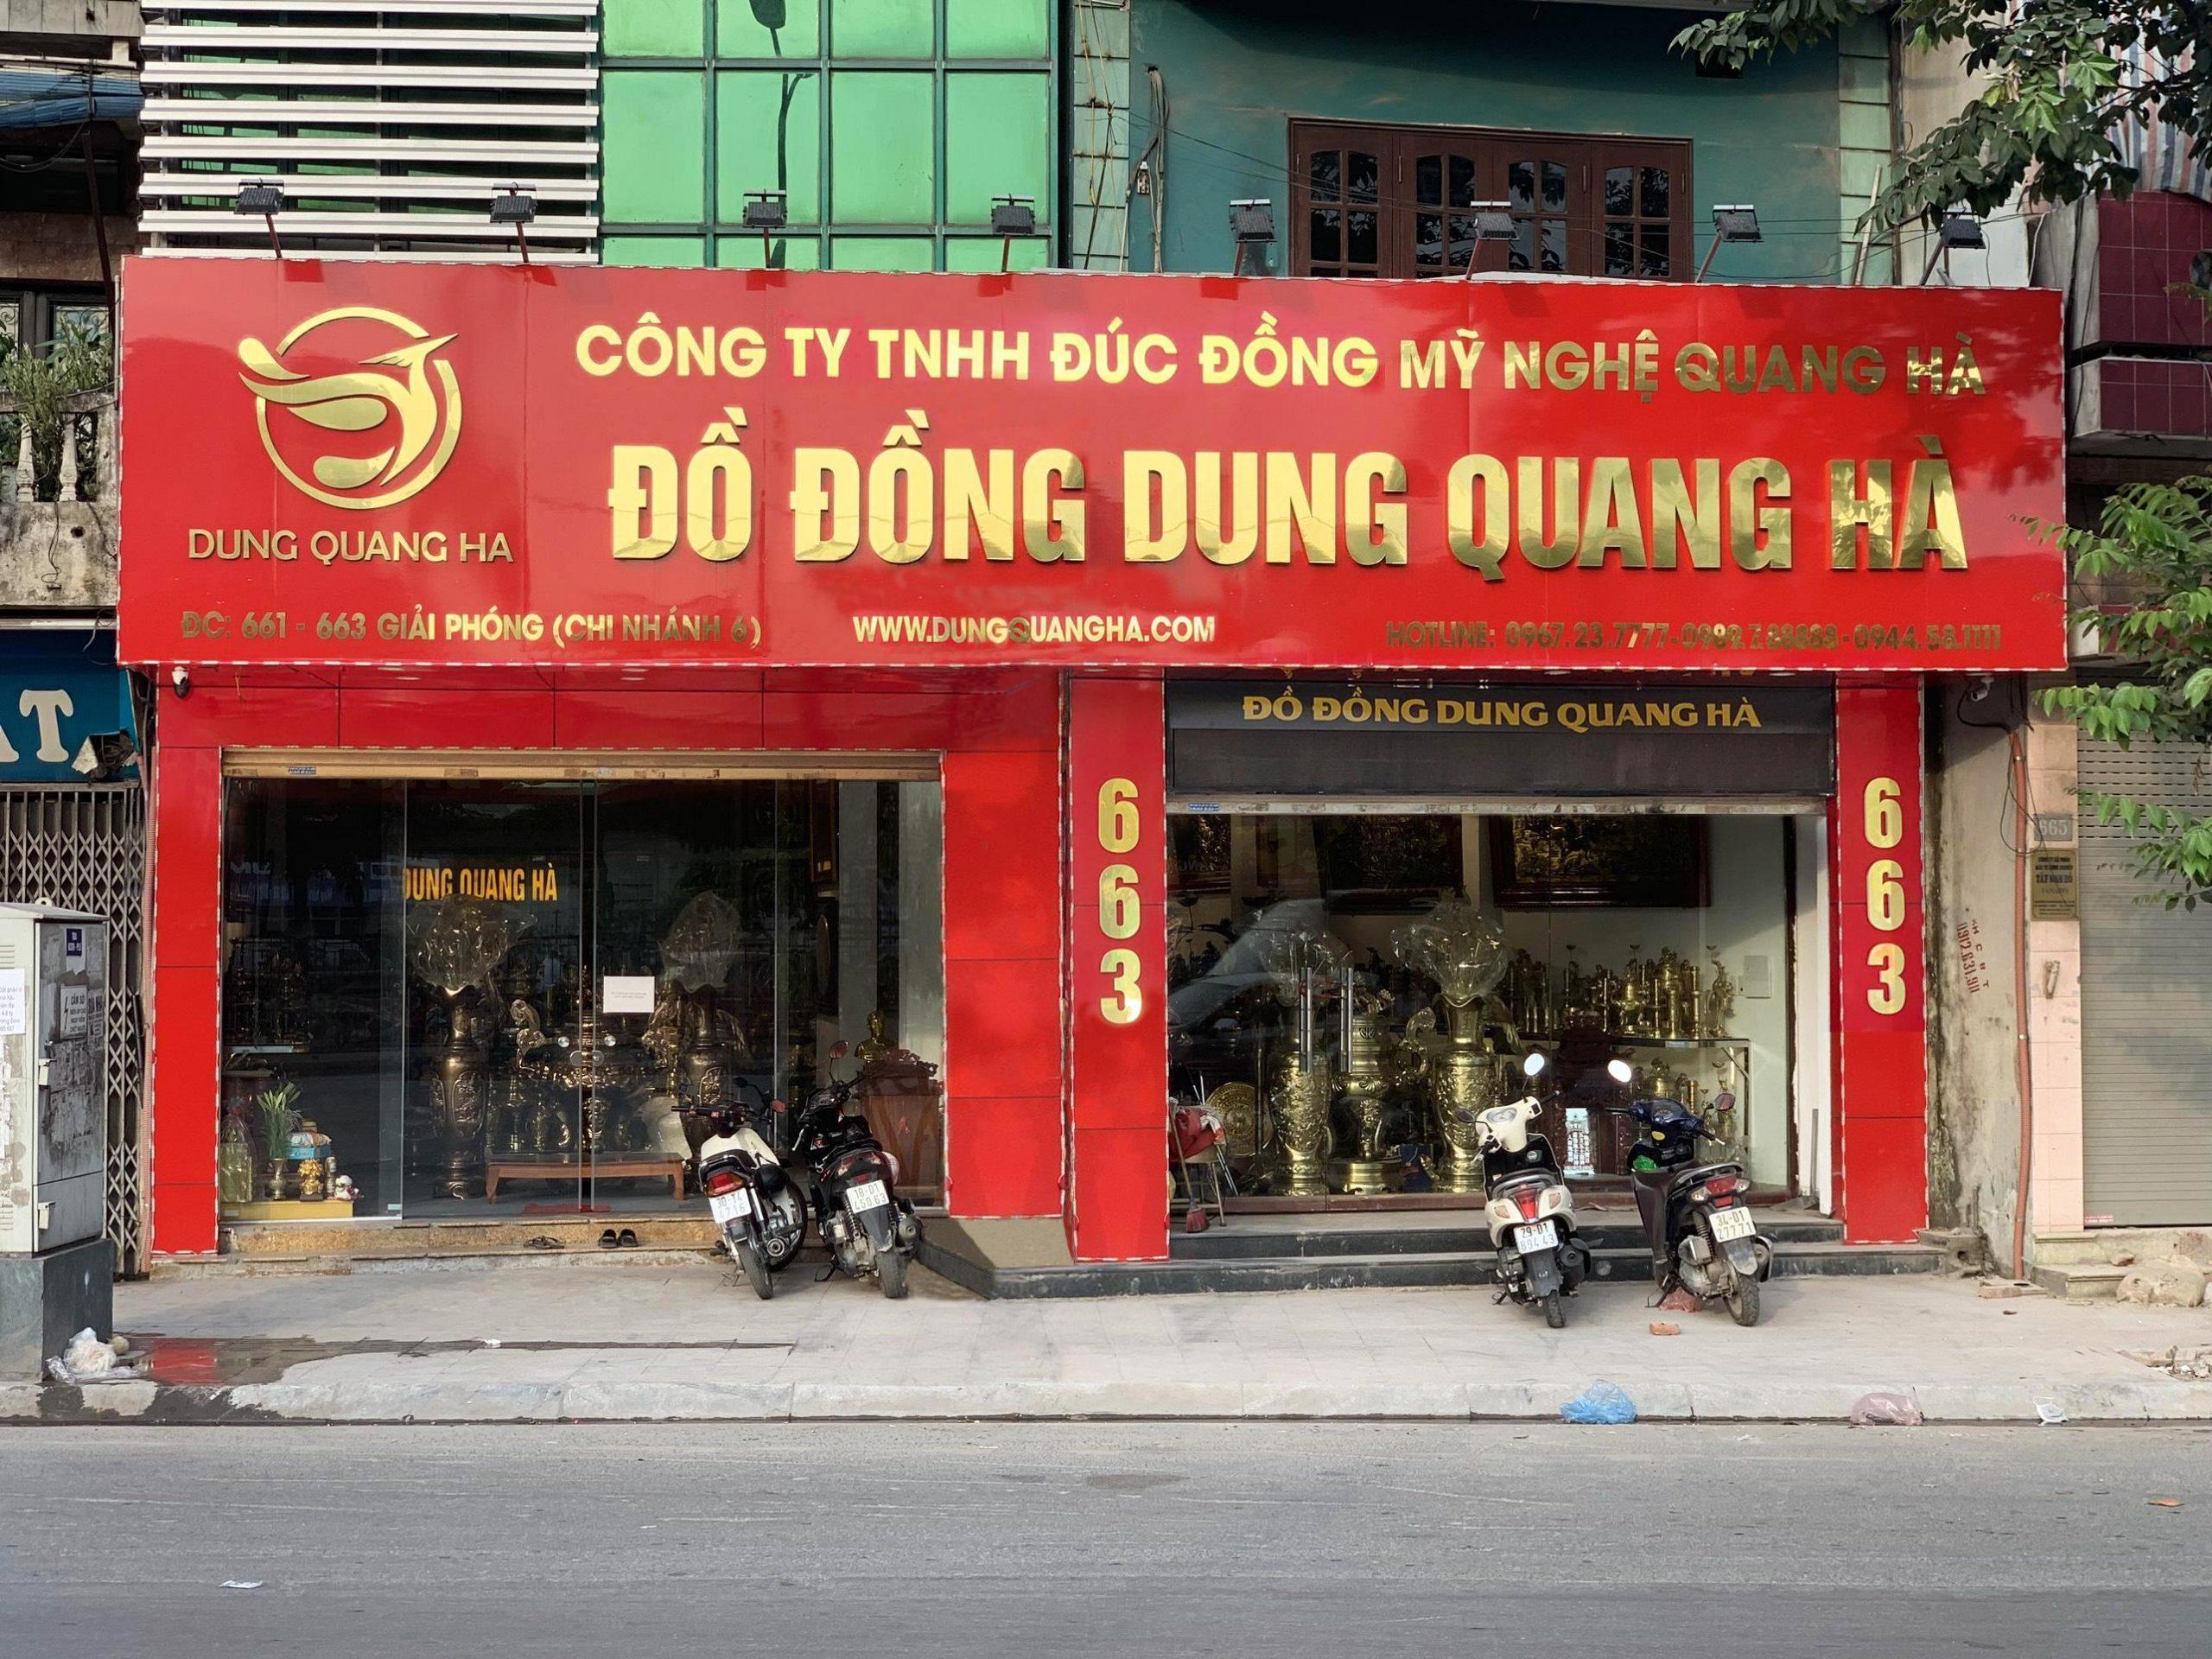 Showroom Đồ Đồng Dung Quang Hà - 663 Giải Phóng